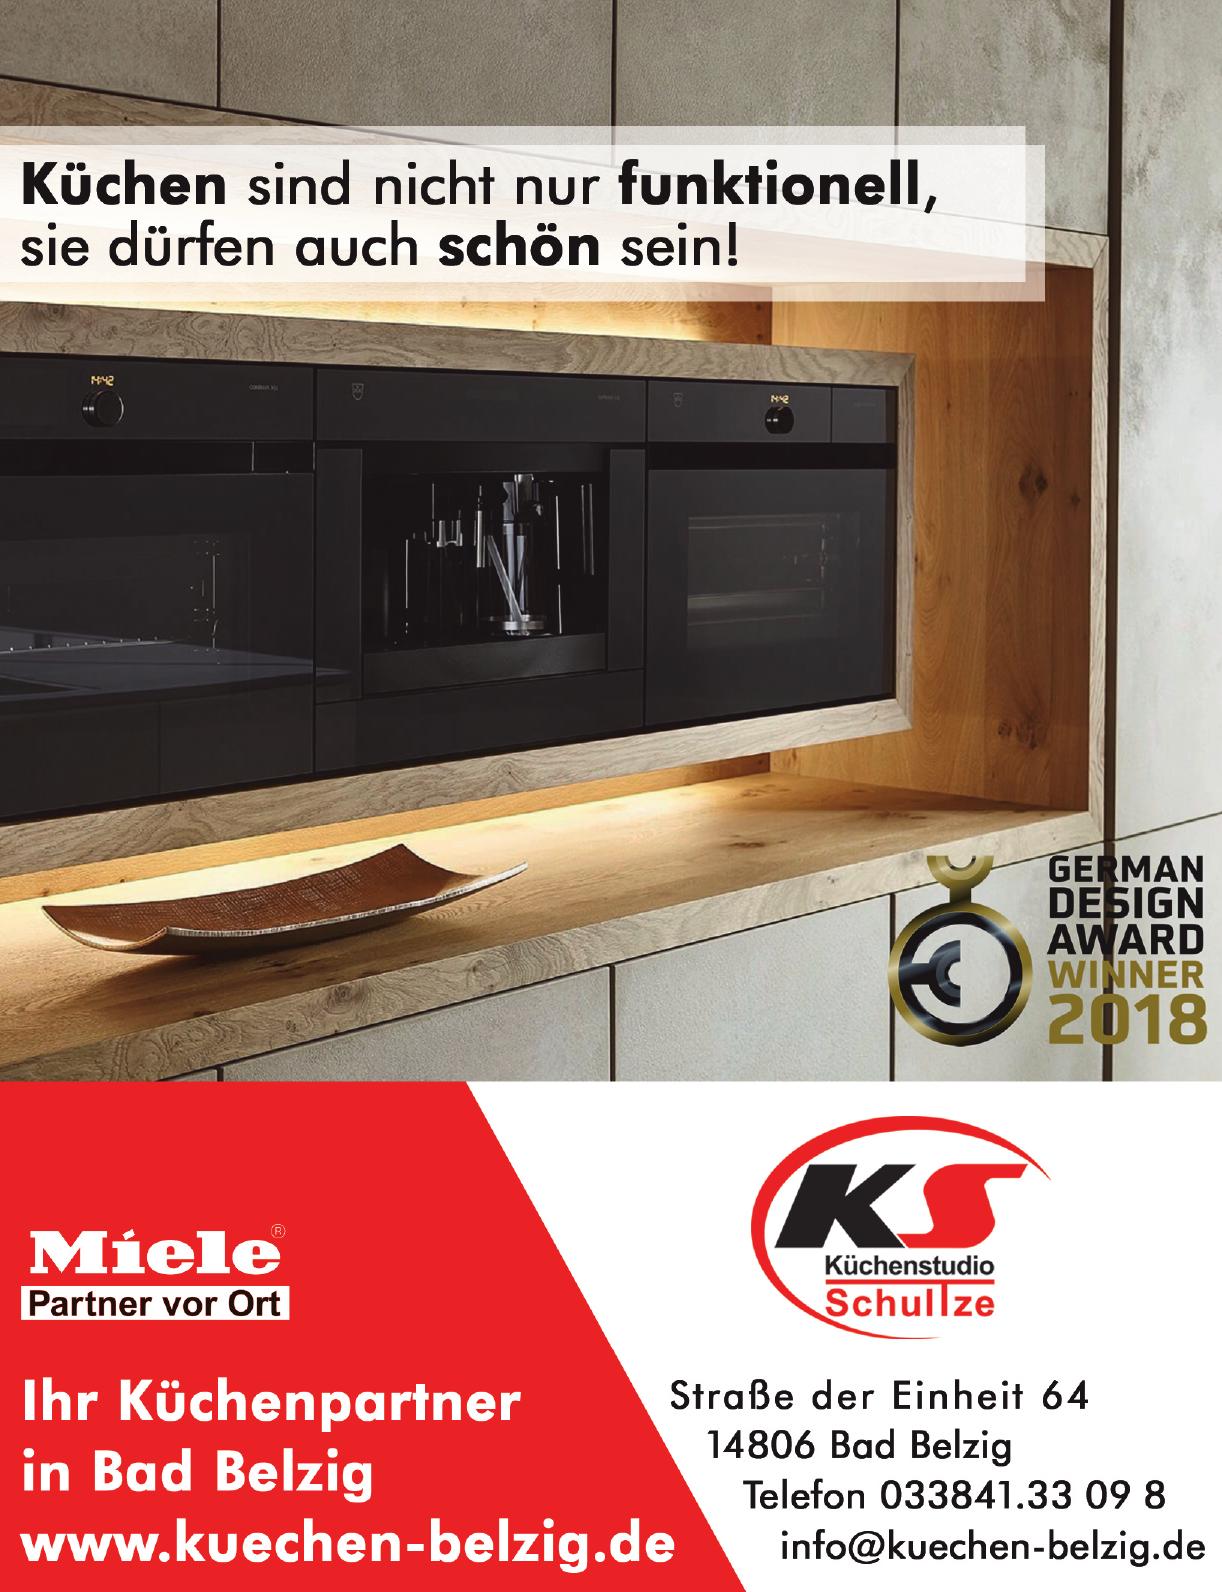 Küchenstudio Schultze